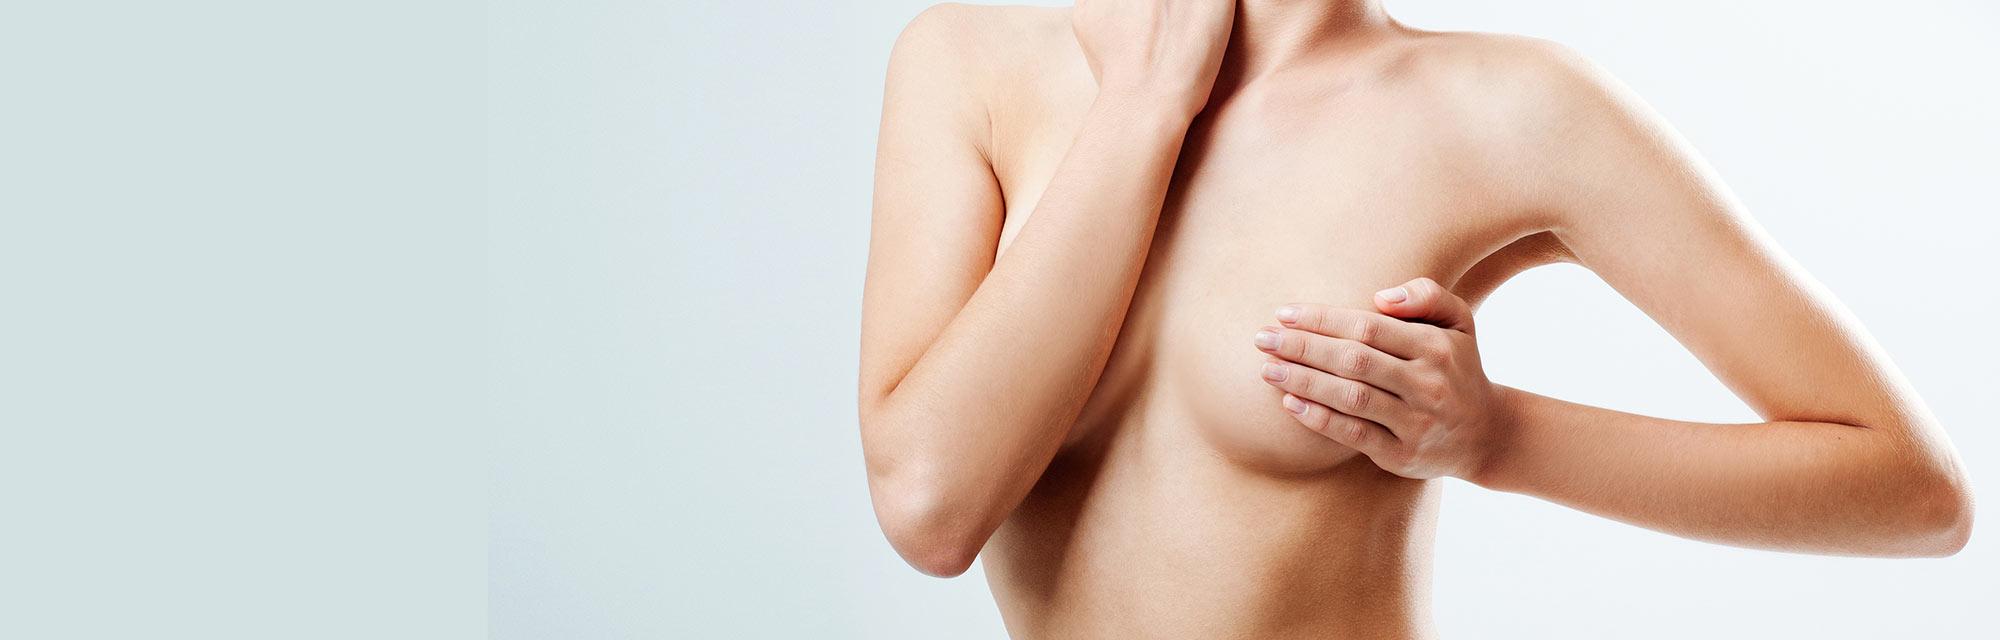 Brustkorrekturen | Die Plastischen Chirurginnen Tirol